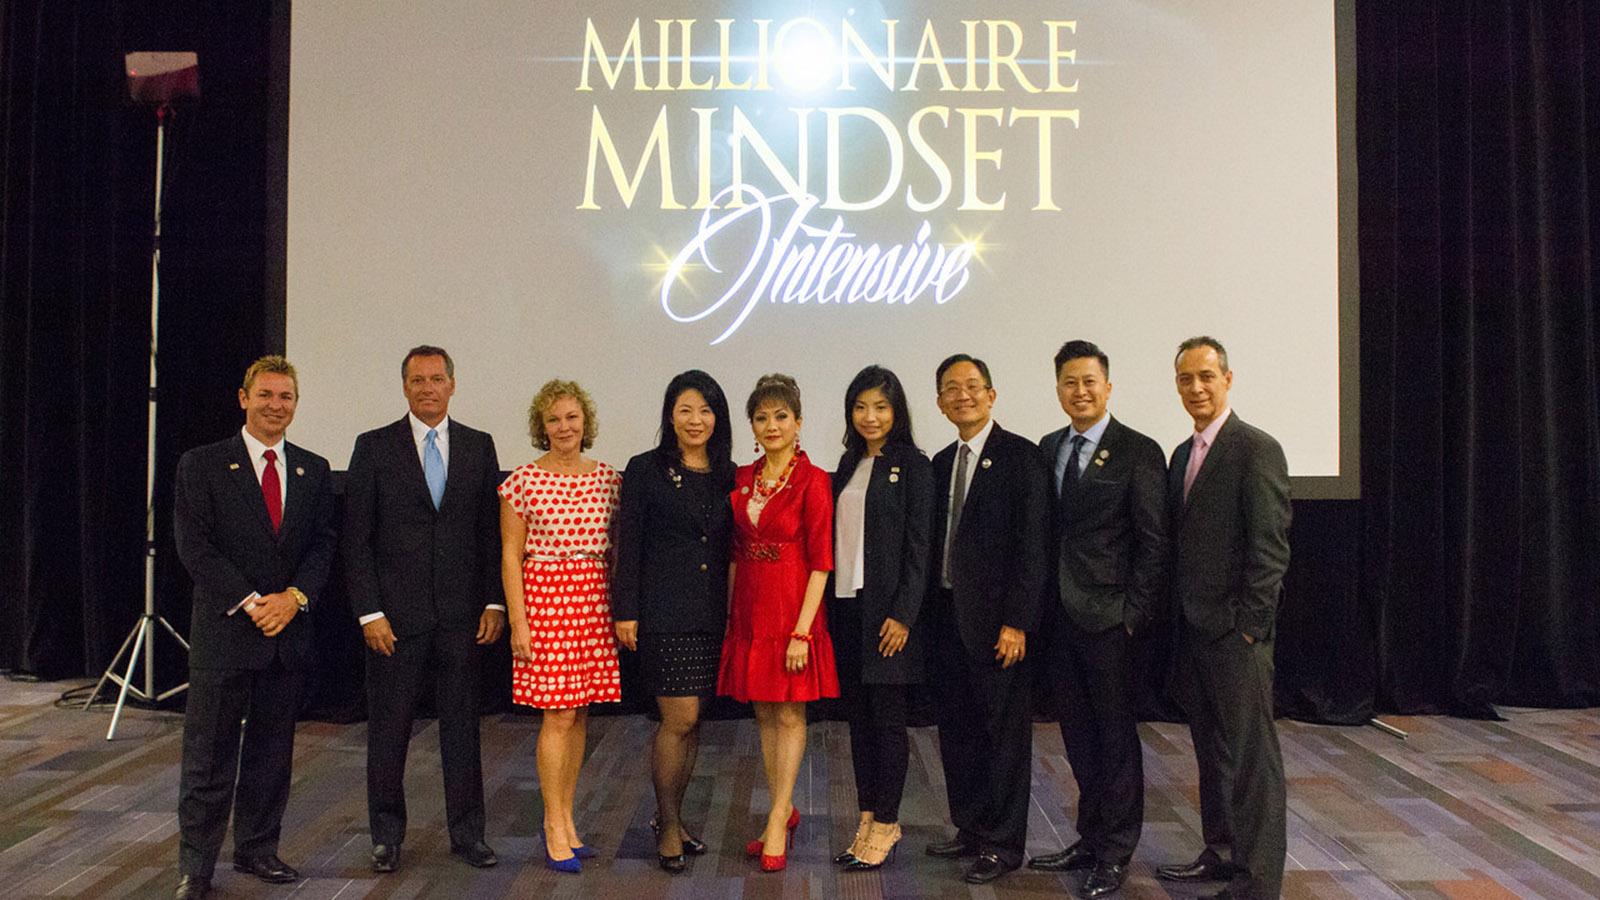 USANA Millionaire Mindset - Women in Business 1